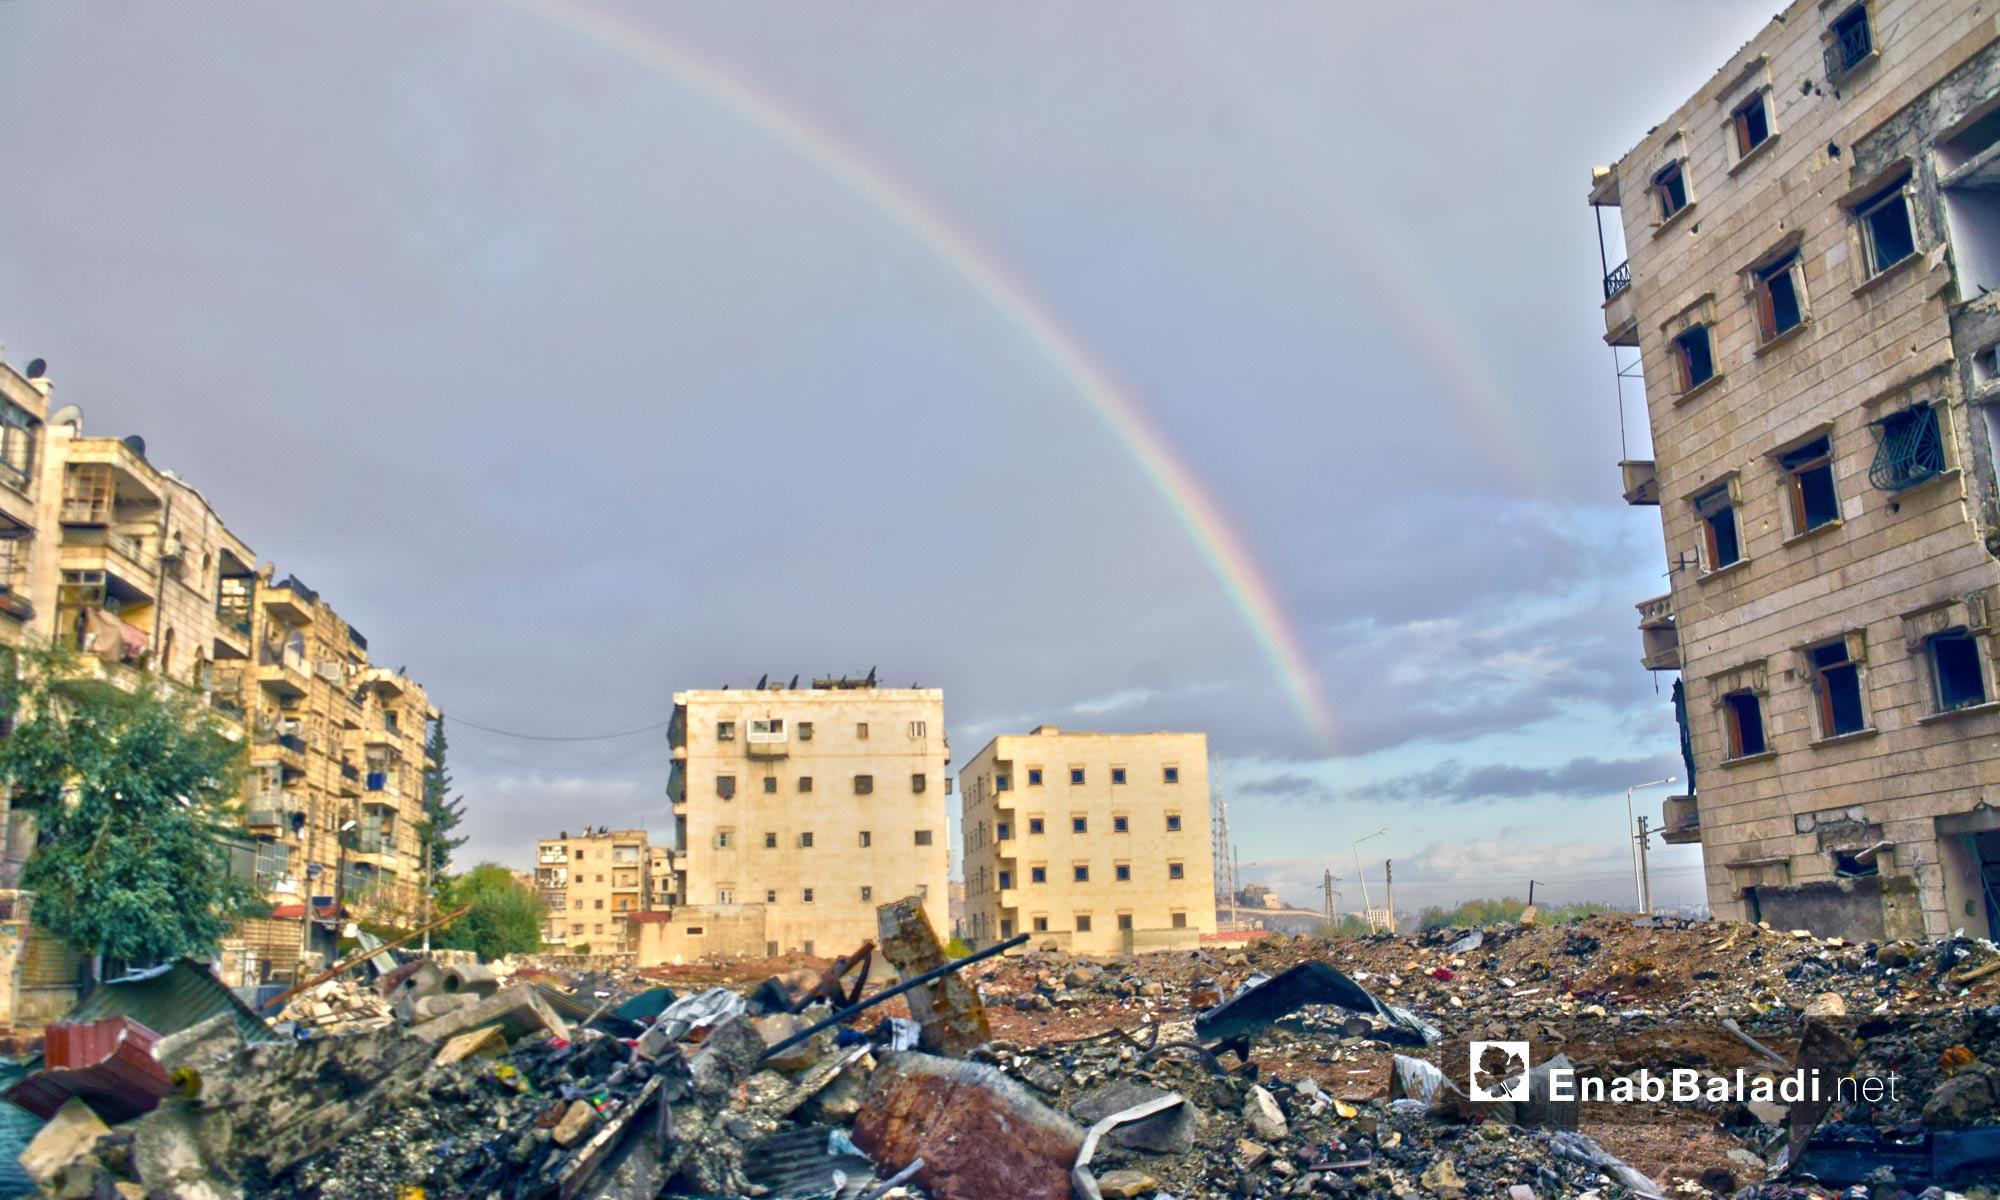 قوس قزح في سماء حلب المحاصرة - 3 كانون الأول 2016 (عنب بلدي)